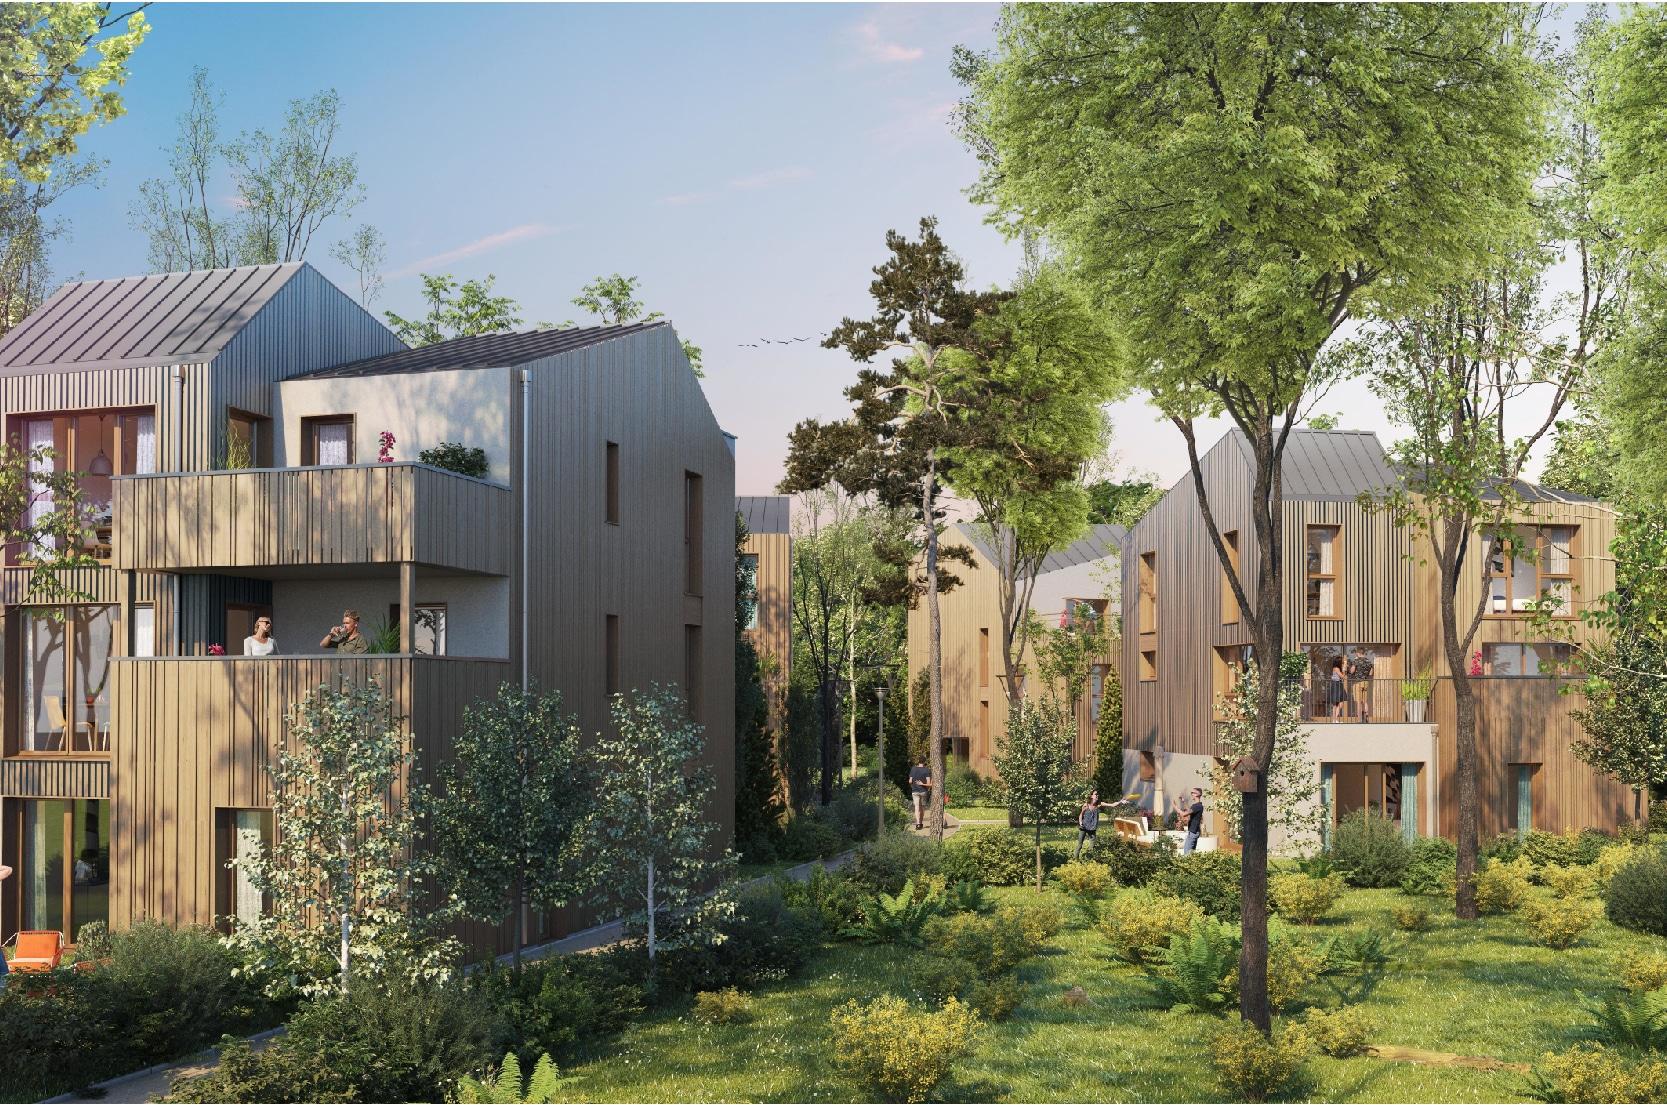 Immobilier neuf Le Touquet - - Maison neuve Appartement neuf - Perspective extérieure